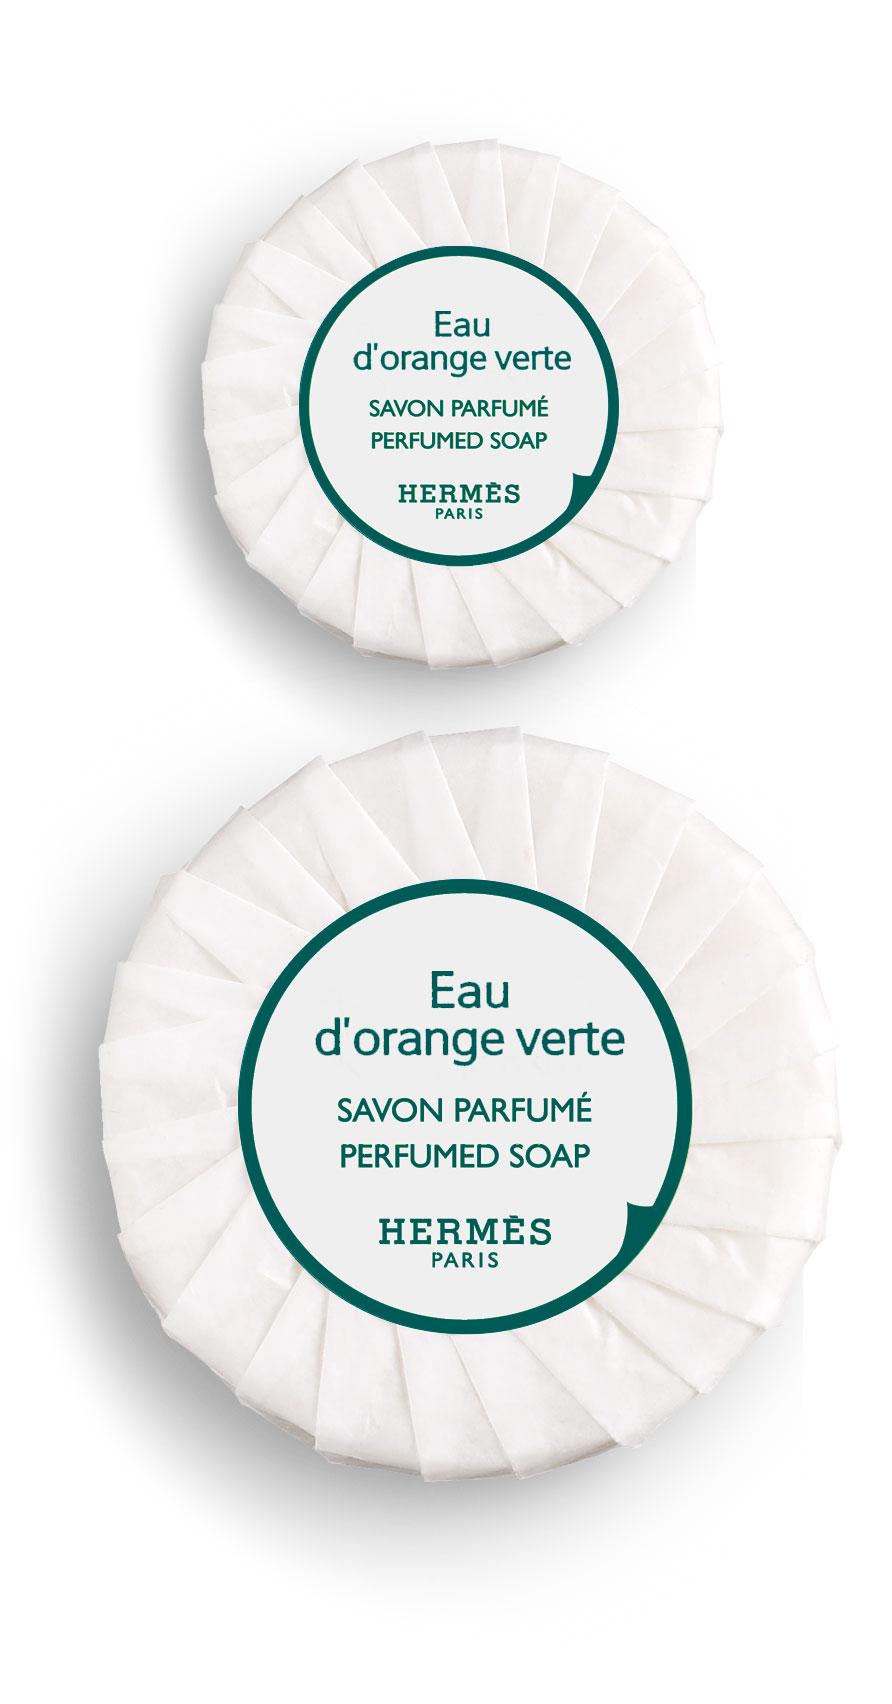 Hermès - Eau d'orange verte - Savon parfumé 50 gr et 25 gr